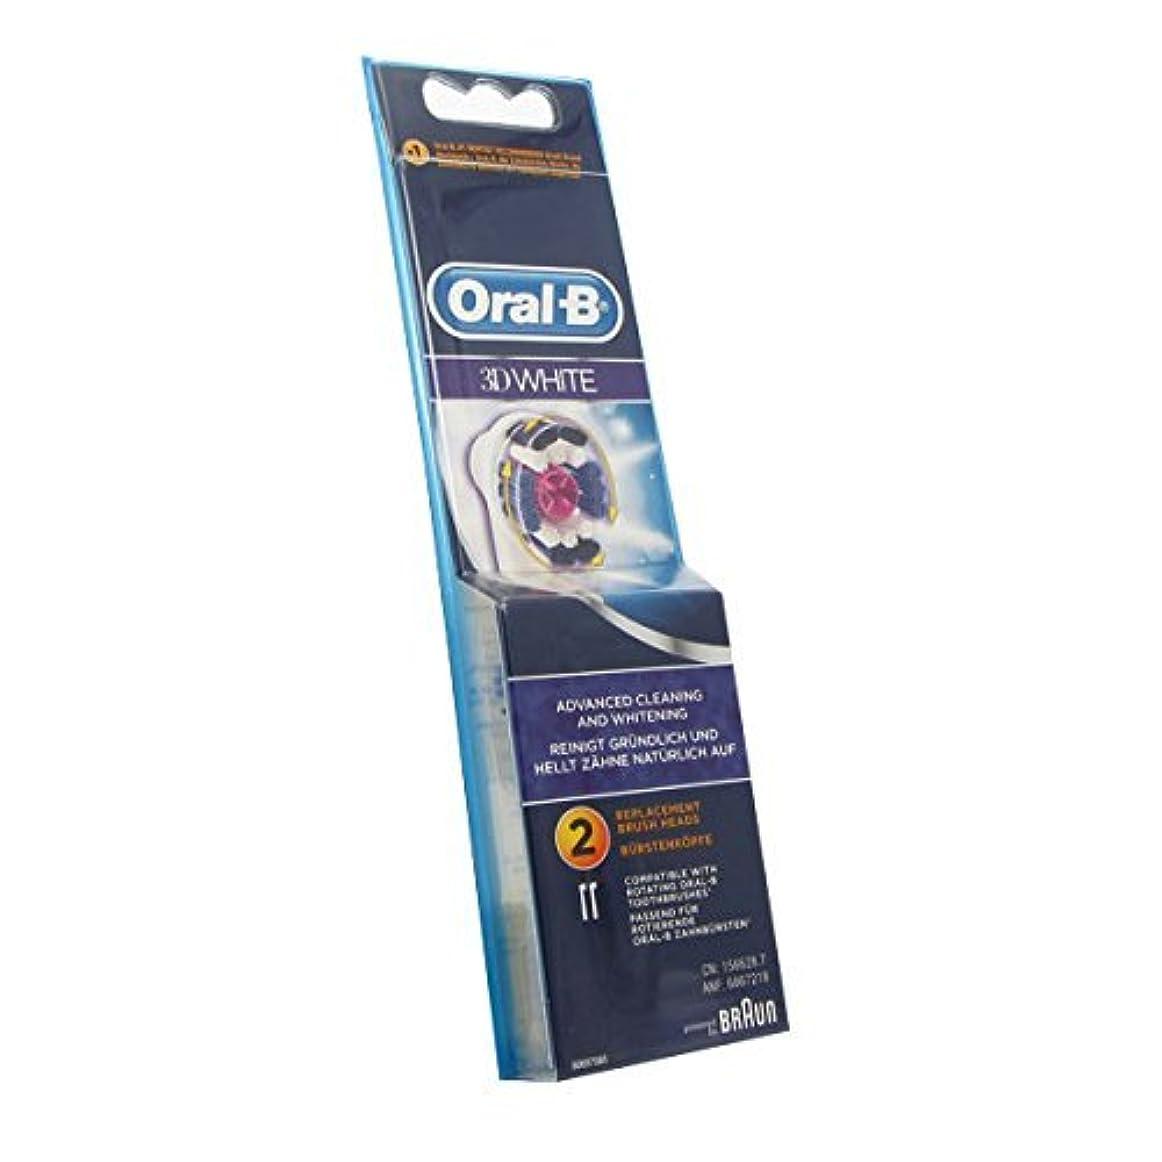 先駆者リズム救援Oral B 3d White Replacement Brush X2 [並行輸入品]